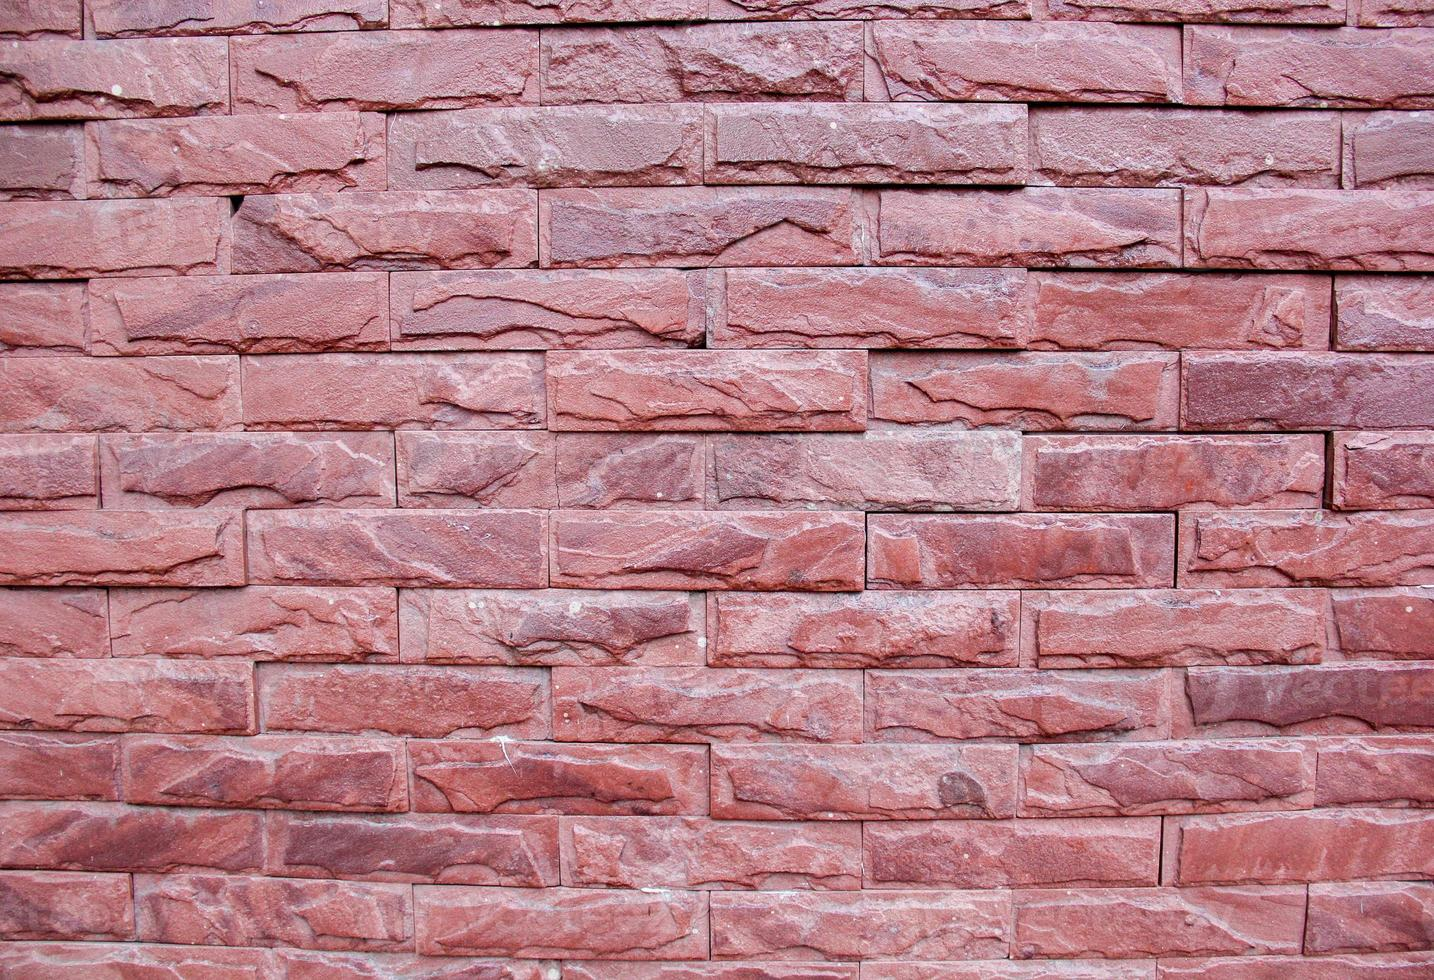 rode bakstenen muur. foto